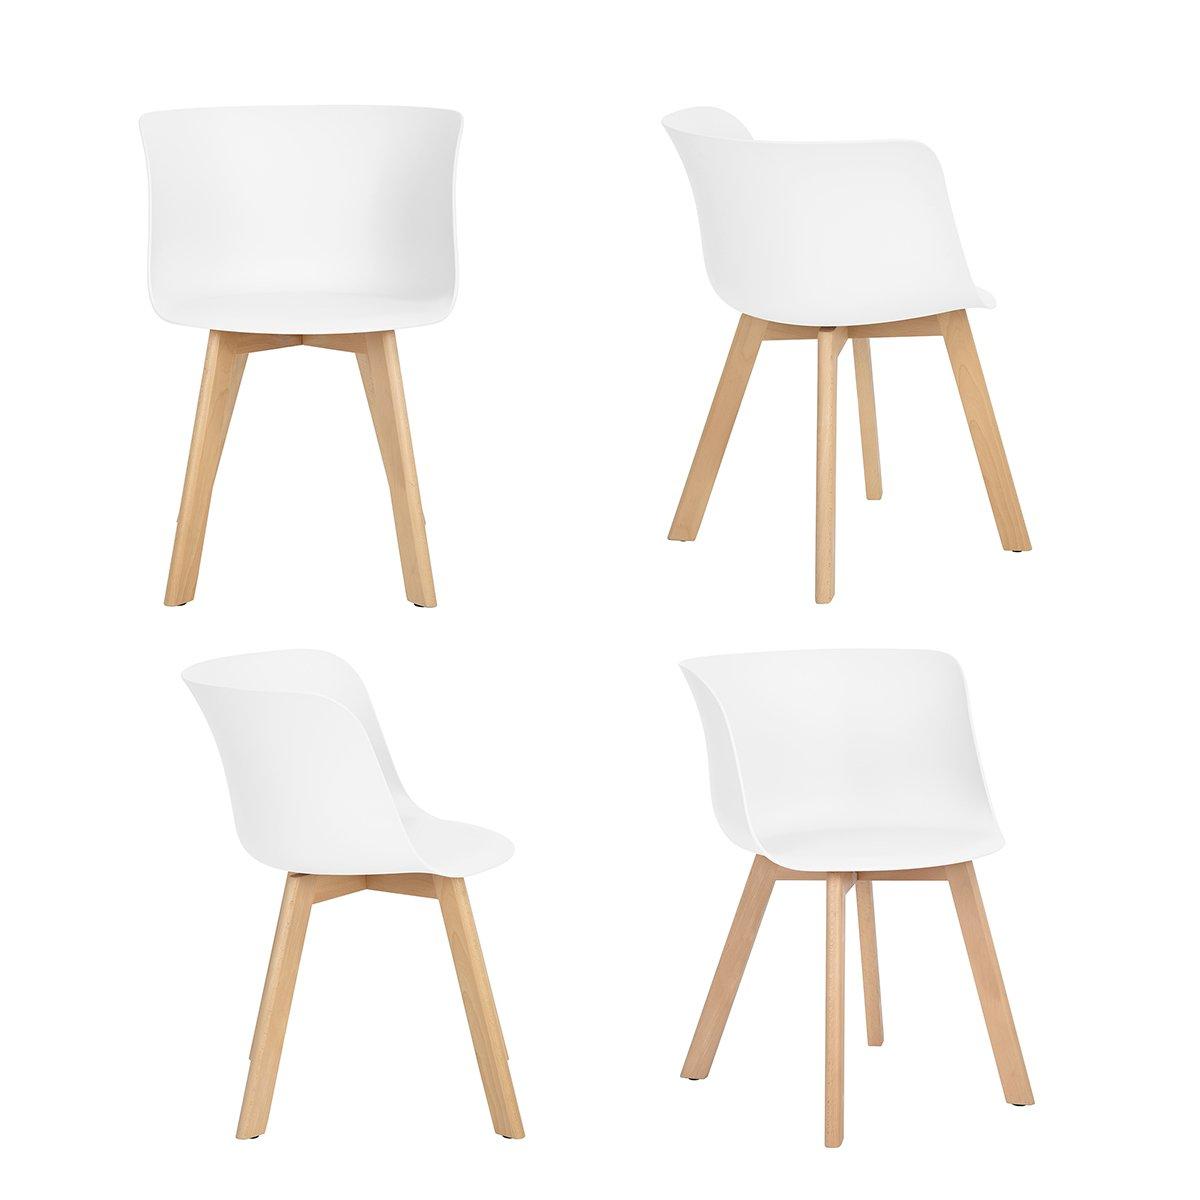 Ajie Chaises Design Scandinave - Lot de 4 Chaise de salle à manger avec accoudoirs - blanc